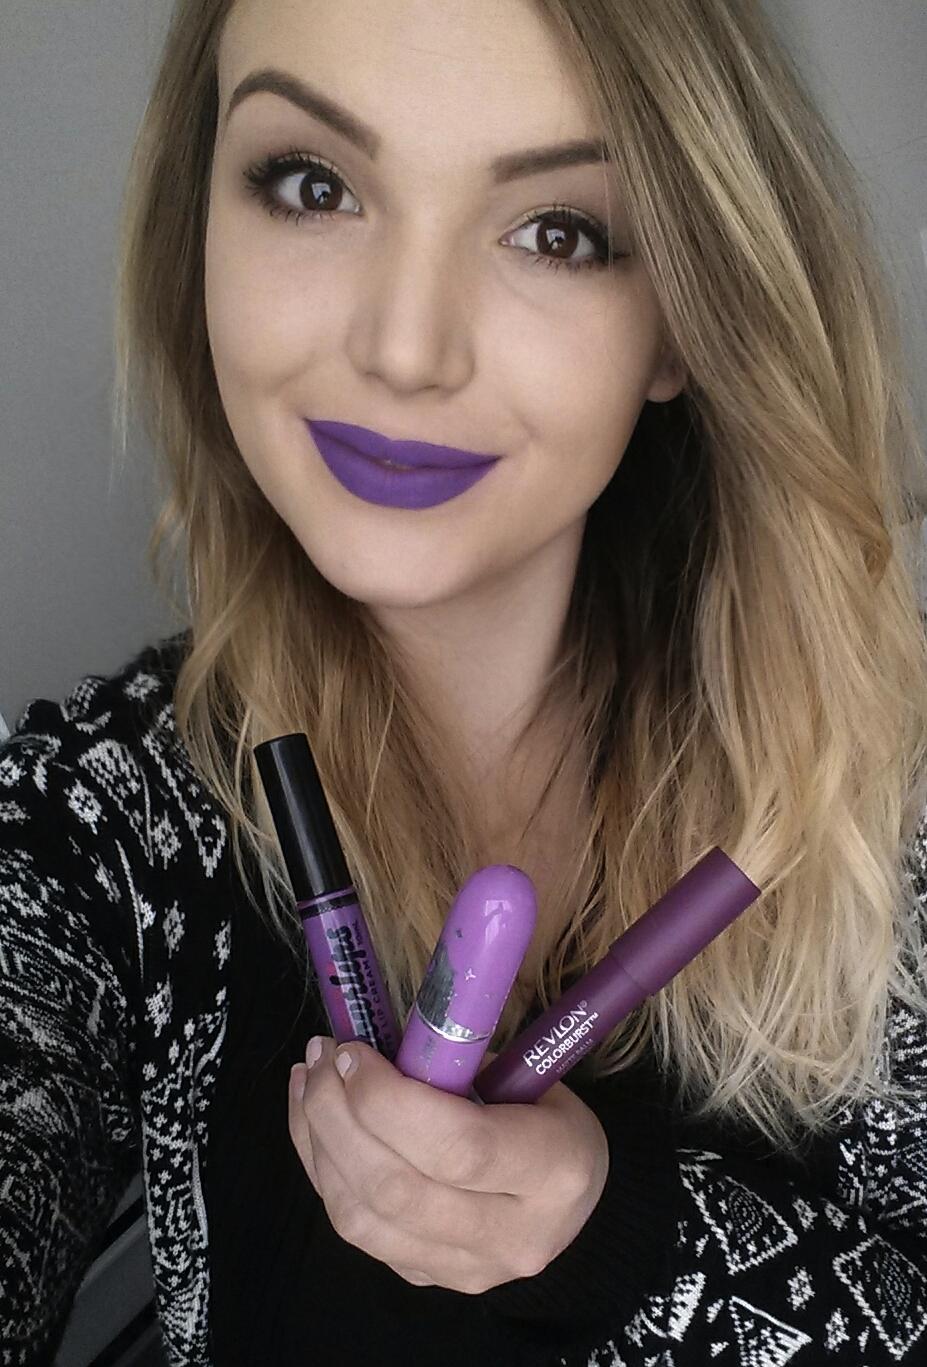 البنفسجي 2015 2014,2015 purple-lipstick.png